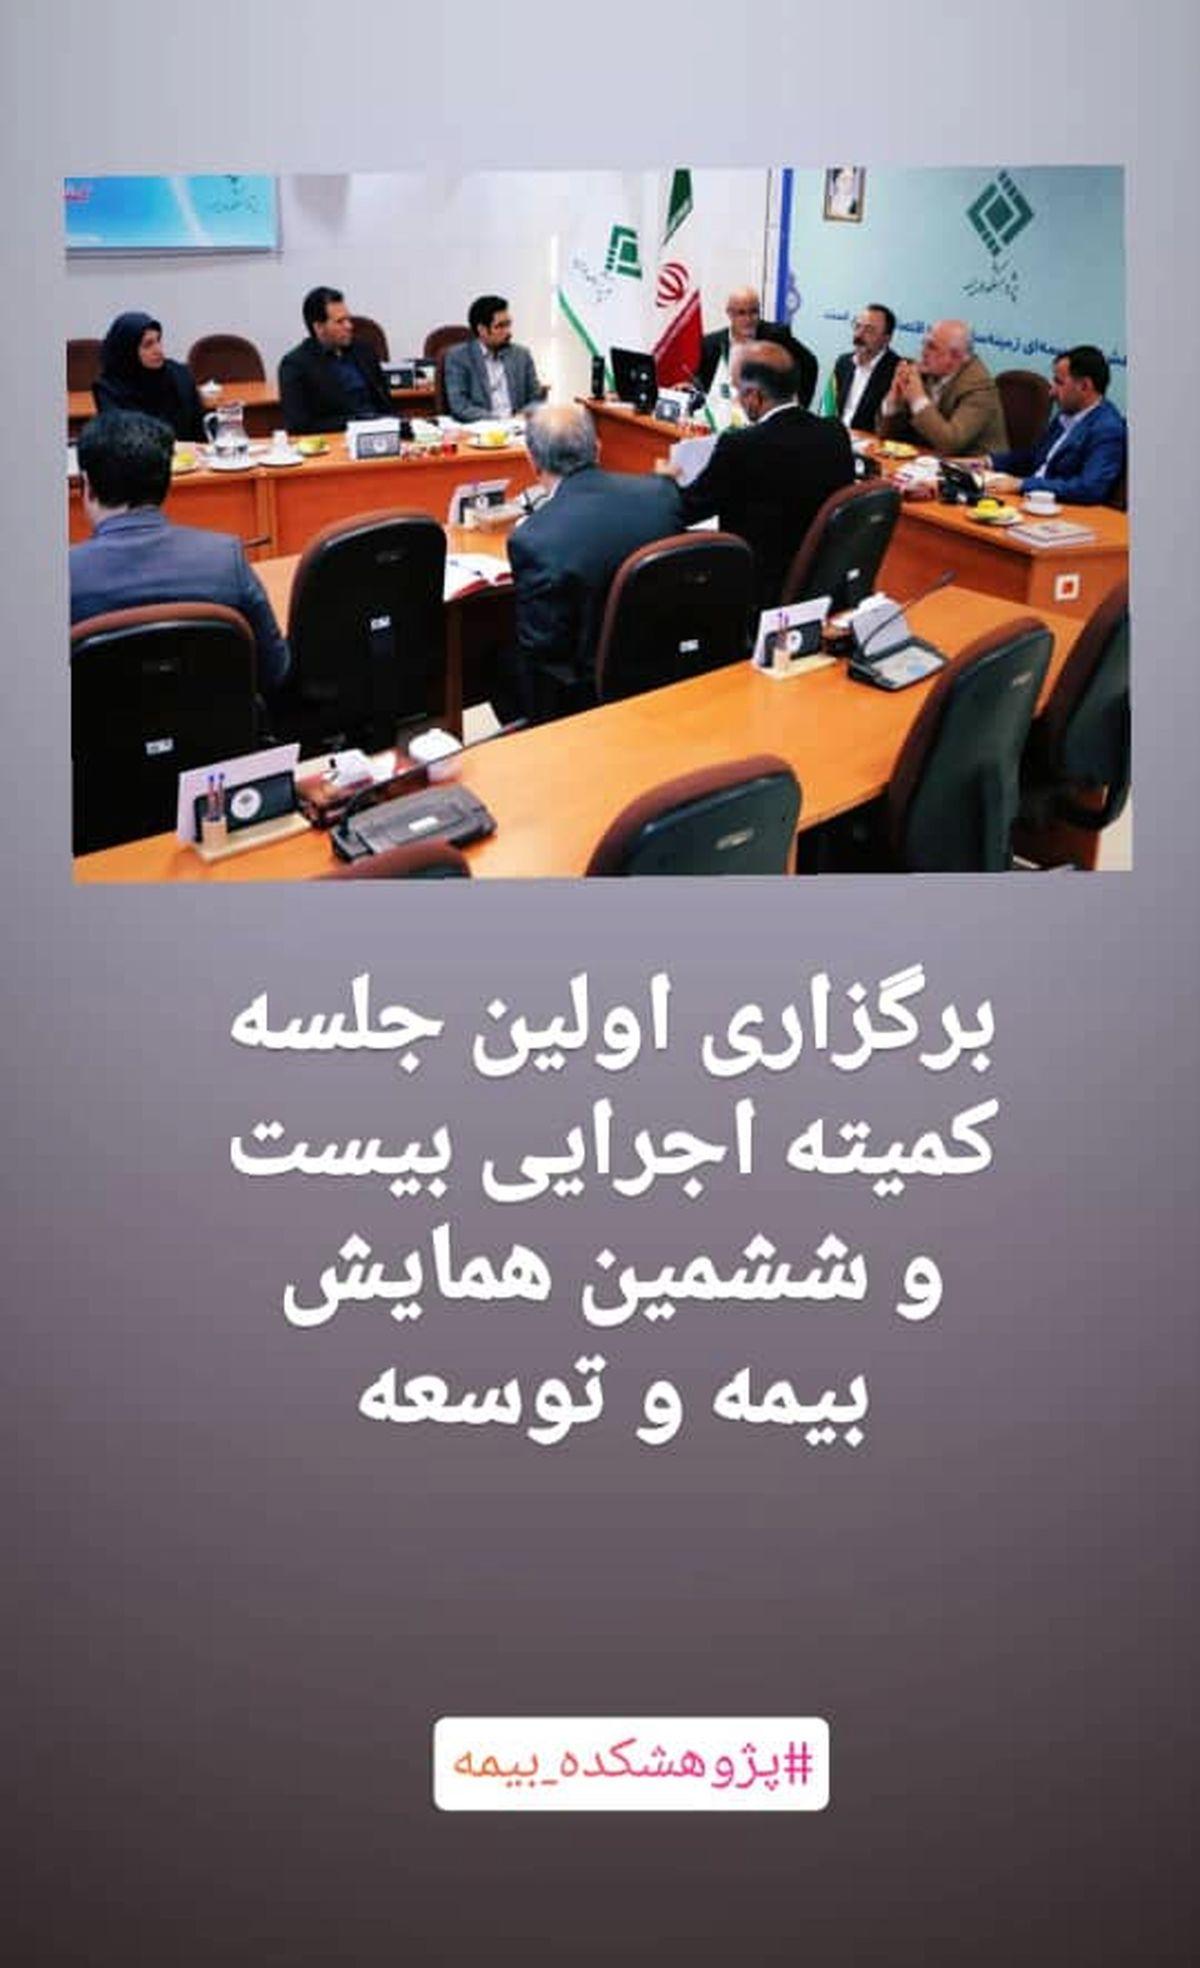 برگزاری اولین جلسه کمیته اجرایی بیست و ششمین همایش بیمه و توسعه